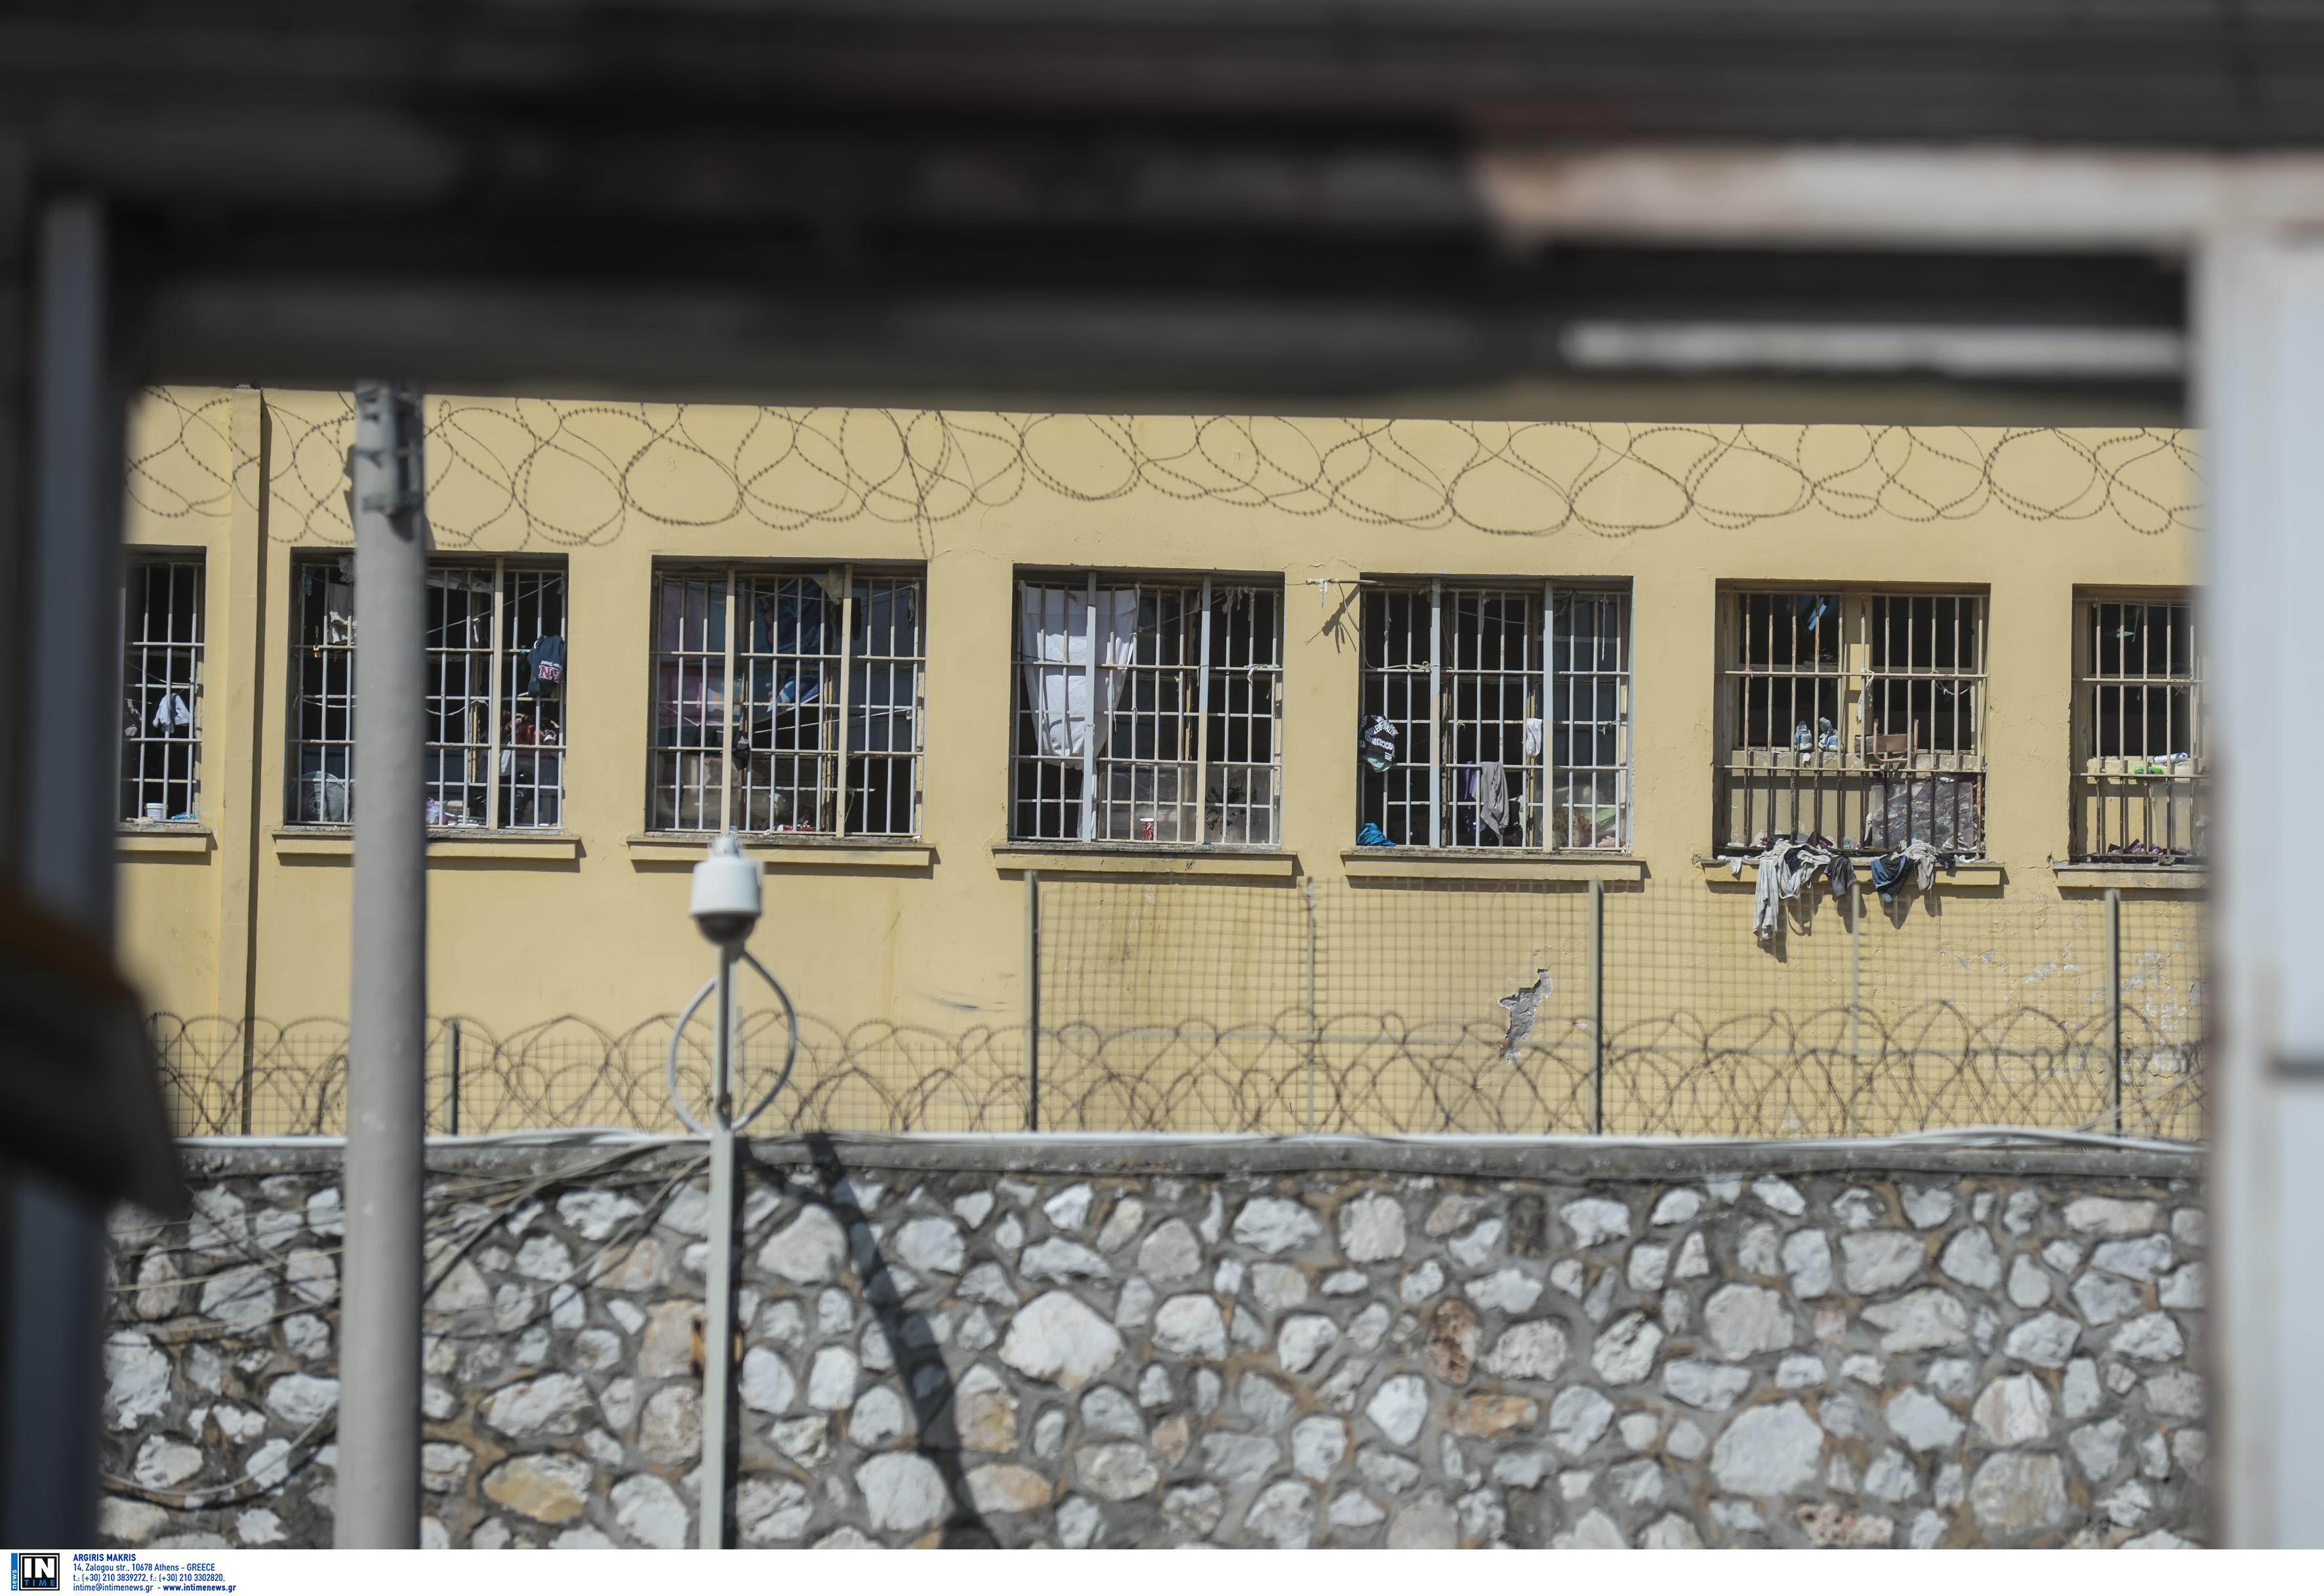 Χαλκιδική: Απόδραση κρατουμένου από τις φυλακές Κασσάνδρας – Η στιγμή που πήραν είδηση αυτό που είχε συμβεί!